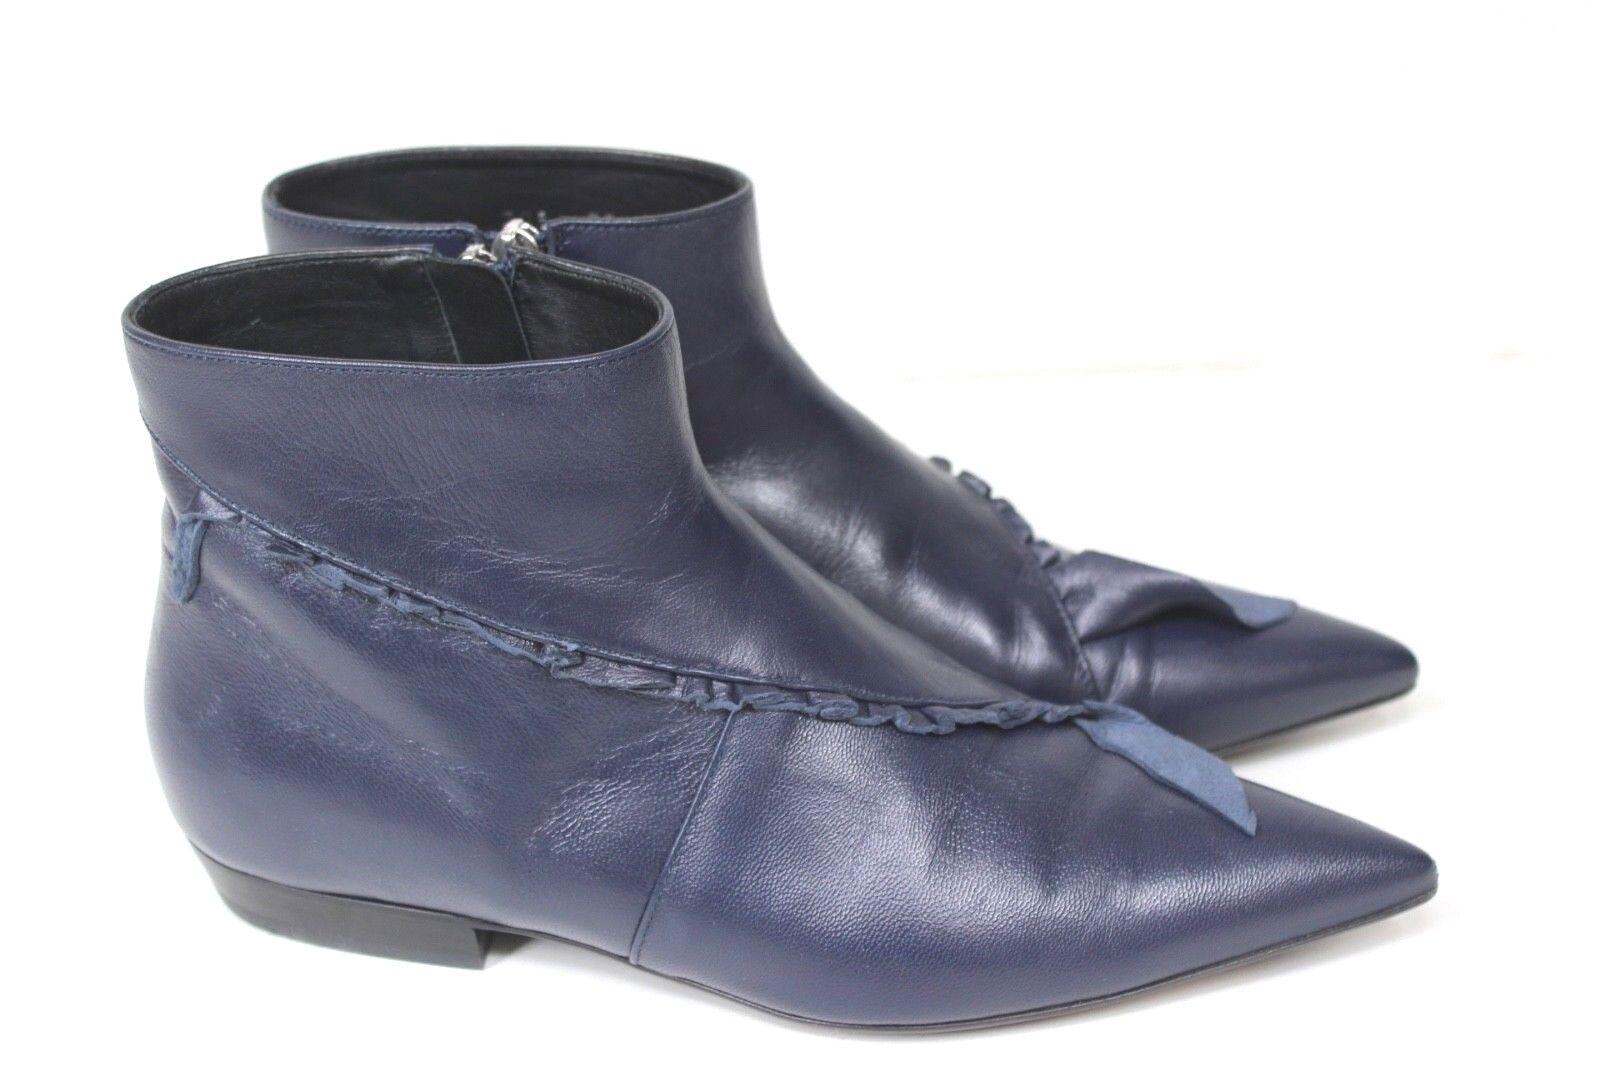 JW Anderson Azul Marino Cuero Con Unido Volantes botas 39 Reino Unido Con 6 caf398